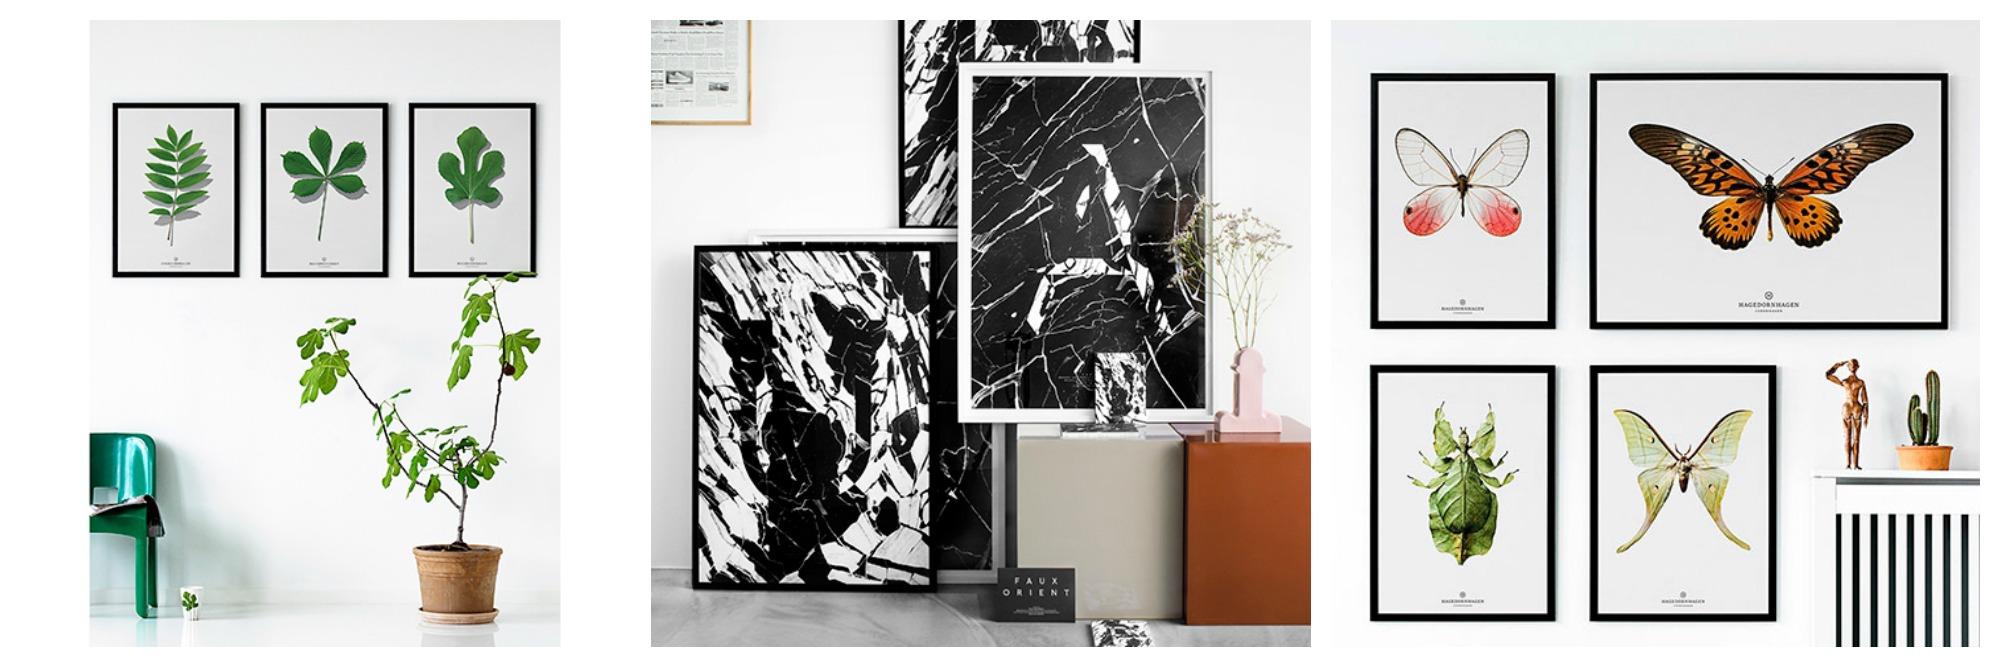 Groovy Her shopper du postere og kunst til veggen! – SIDE2 – Hjem AA-83